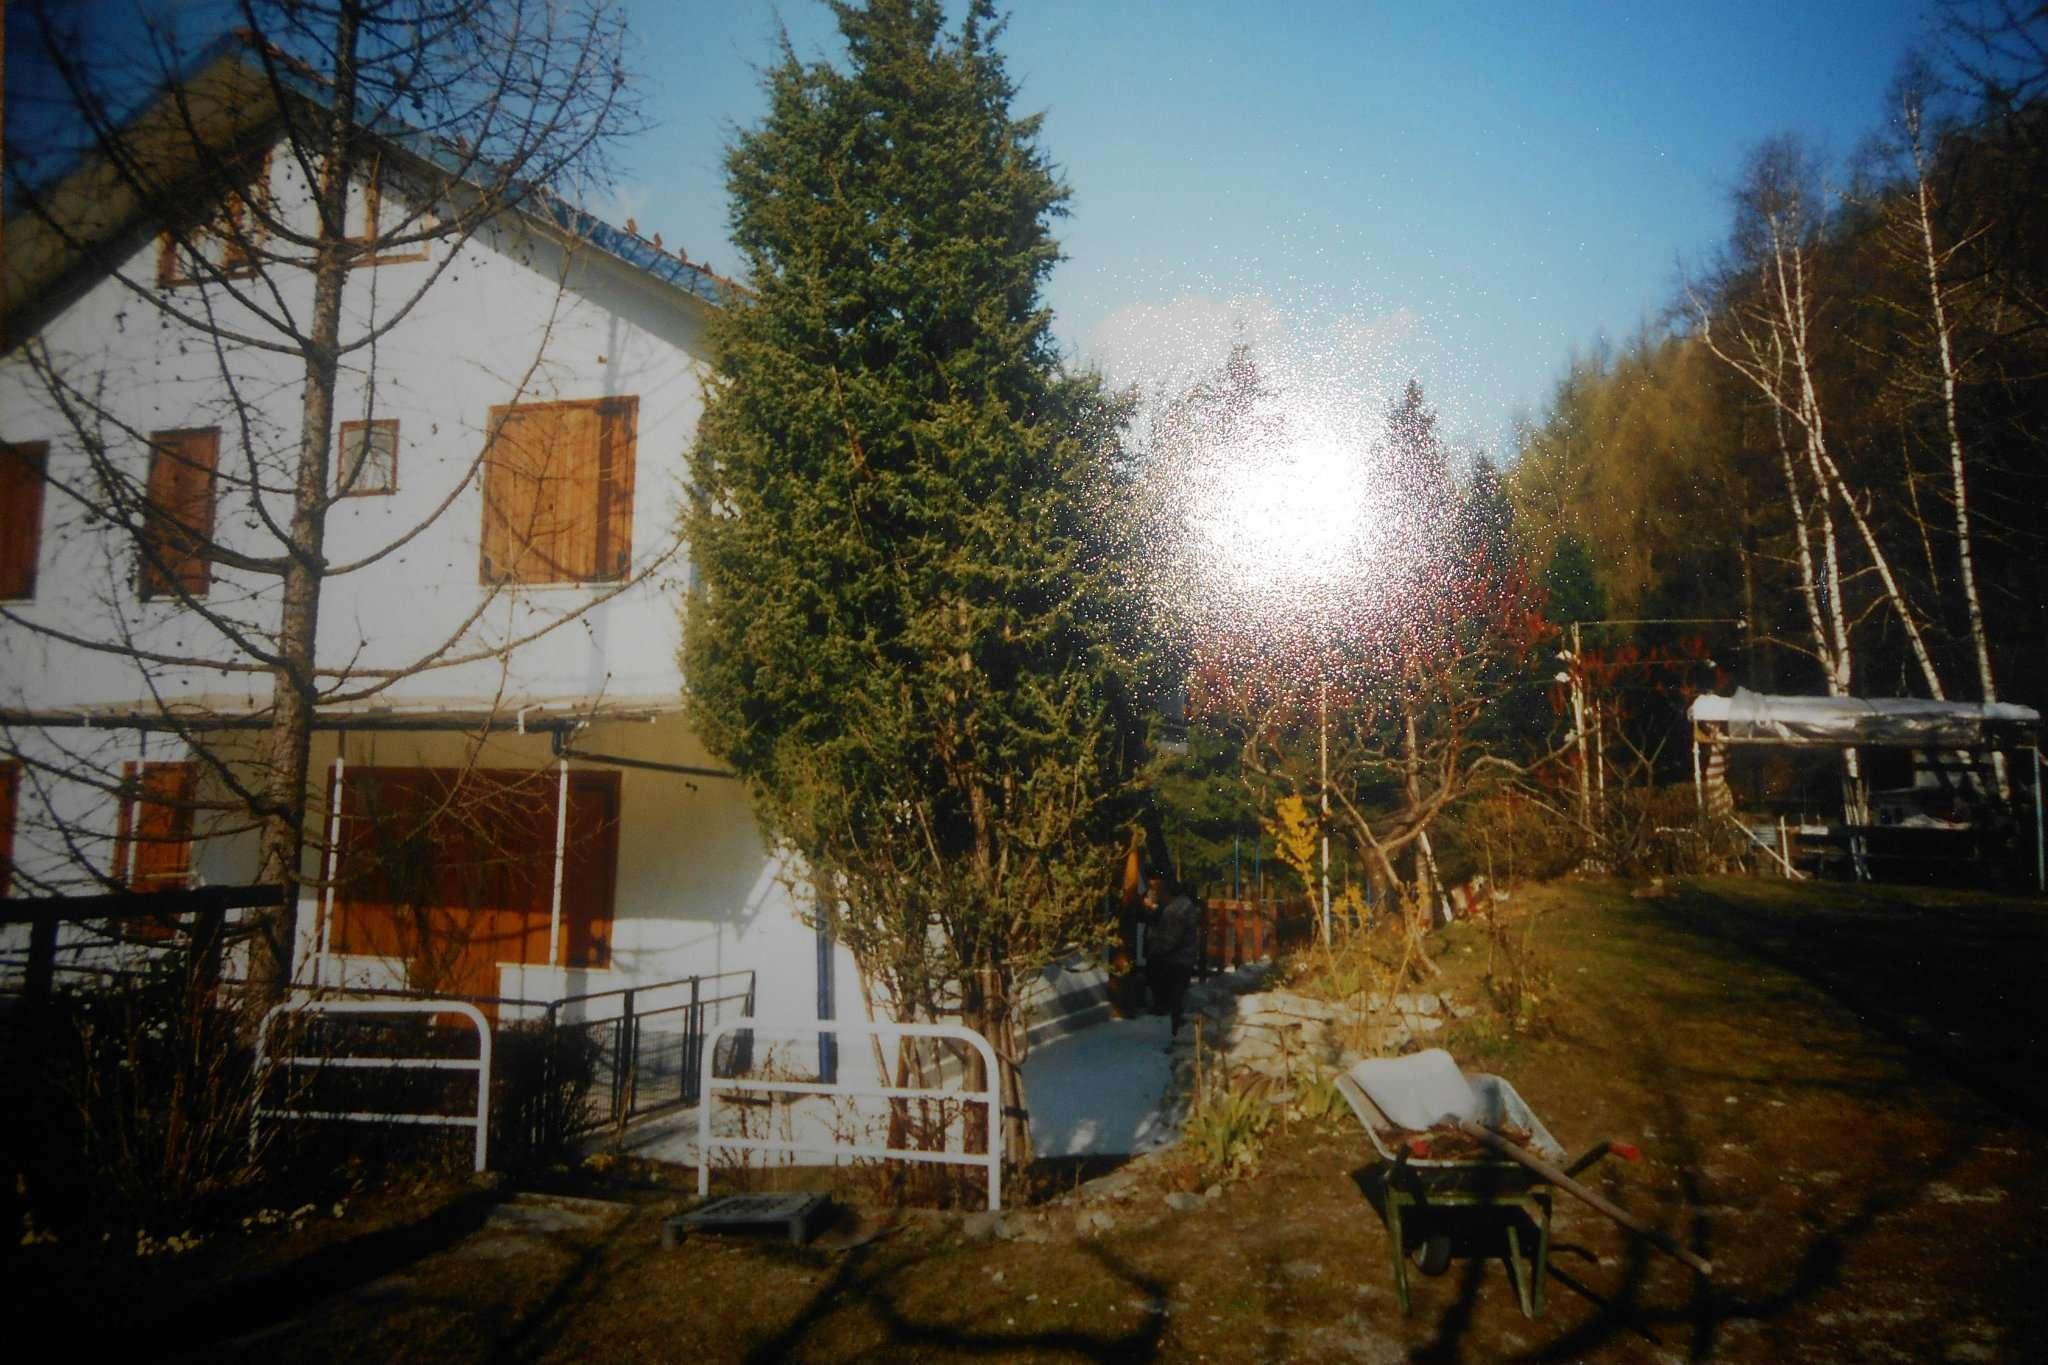 Appartamento in vendita a Chiomonte, 2 locali, prezzo € 30.000 | CambioCasa.it